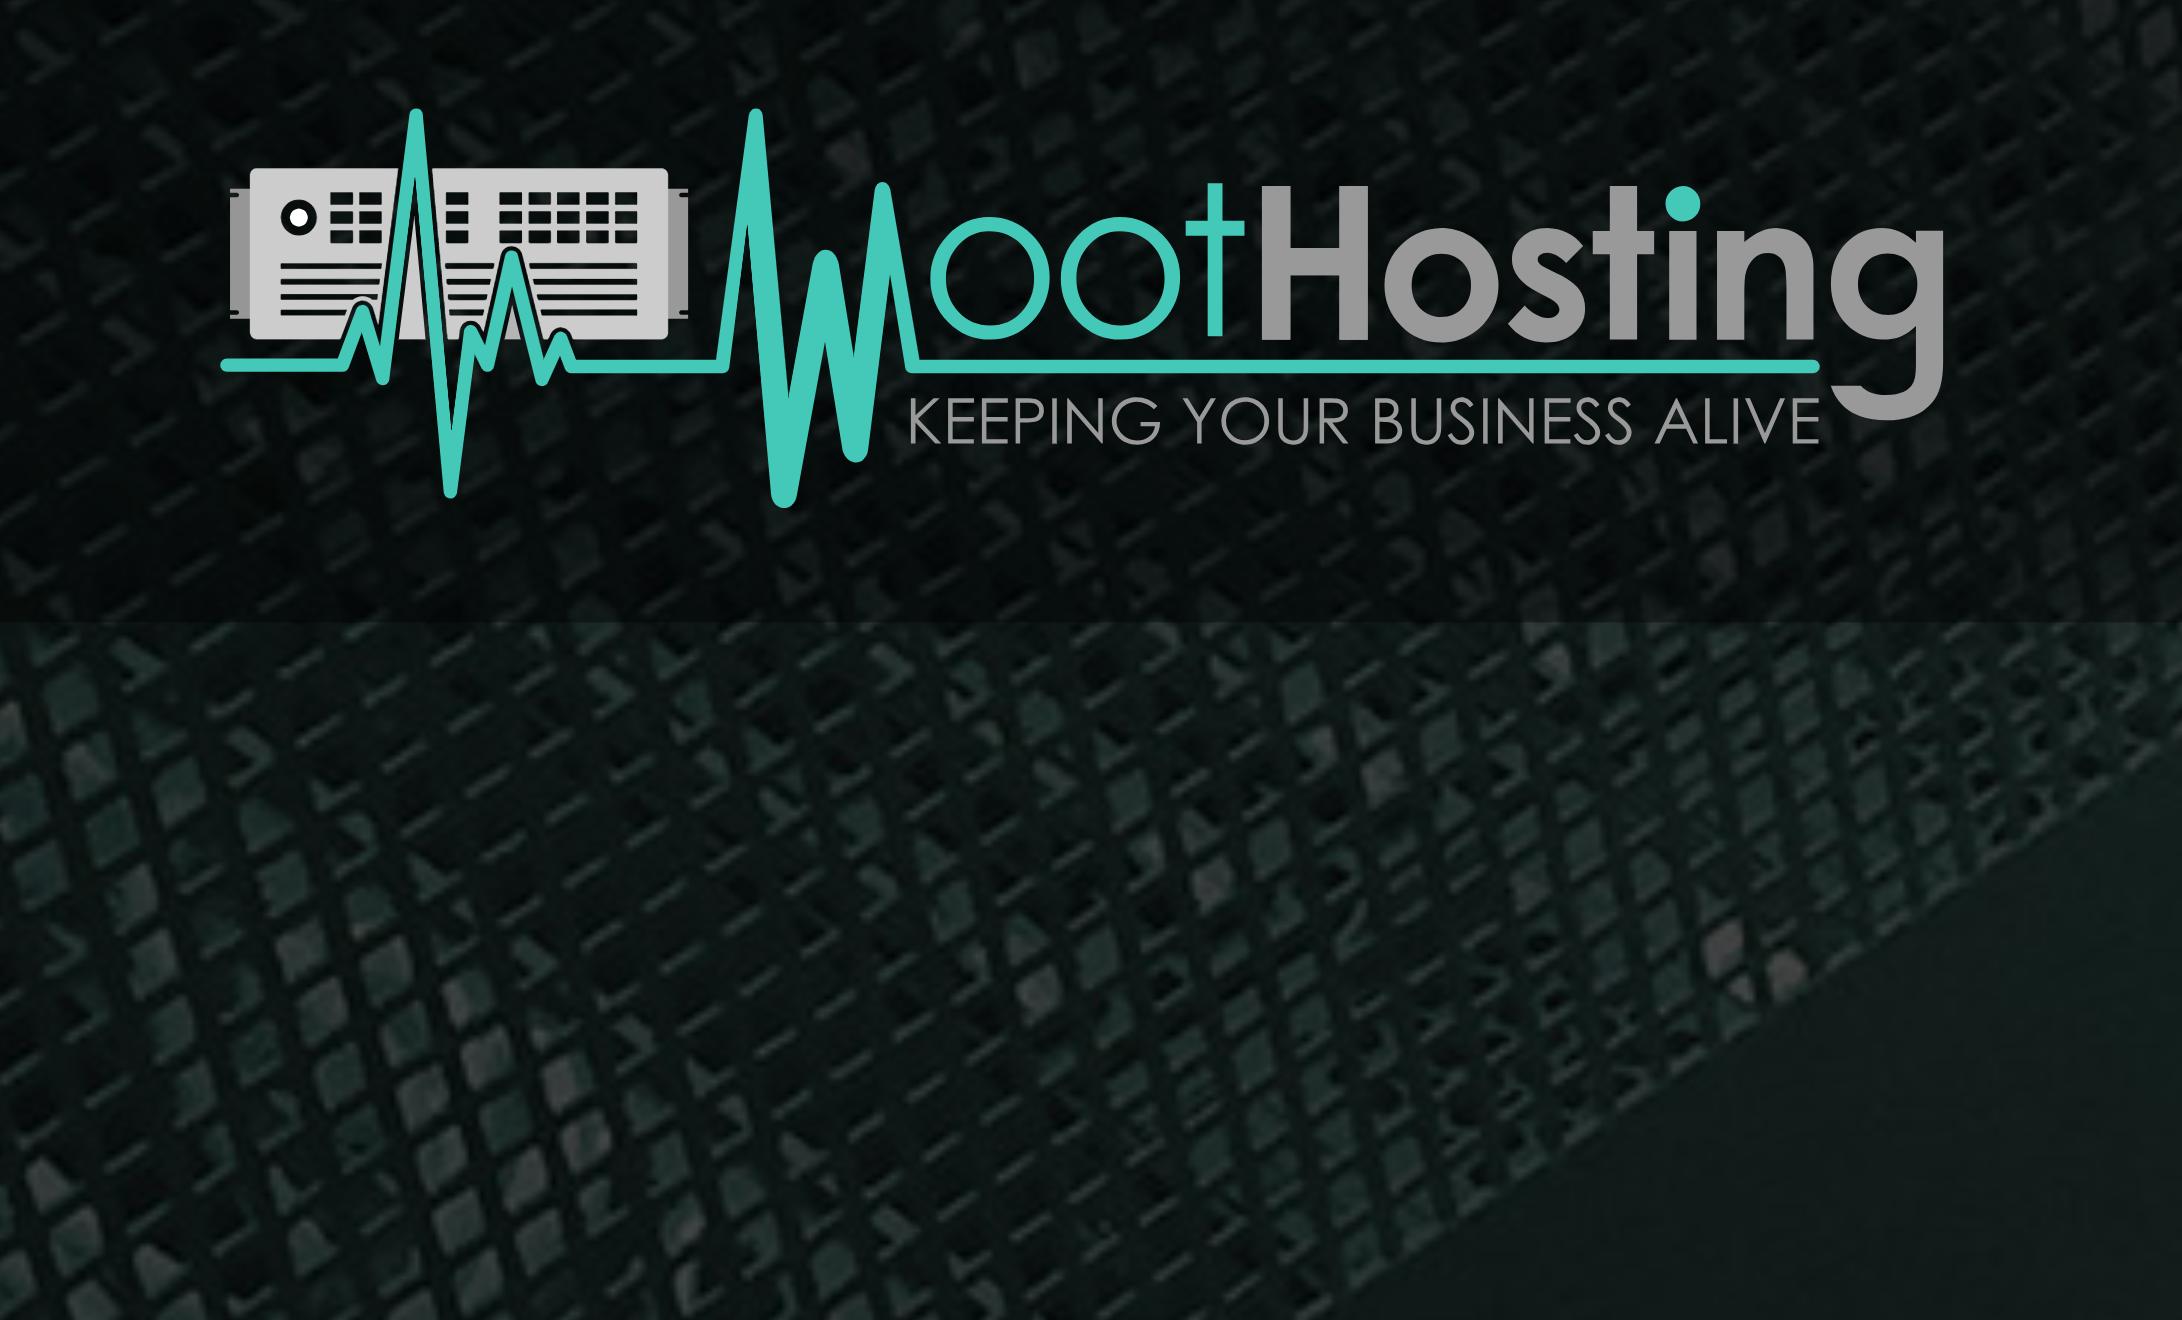 WootHosting年付15美元起,洛杉矶、纽约、芝加哥、迈阿密数据中心,WootHosting优惠码。